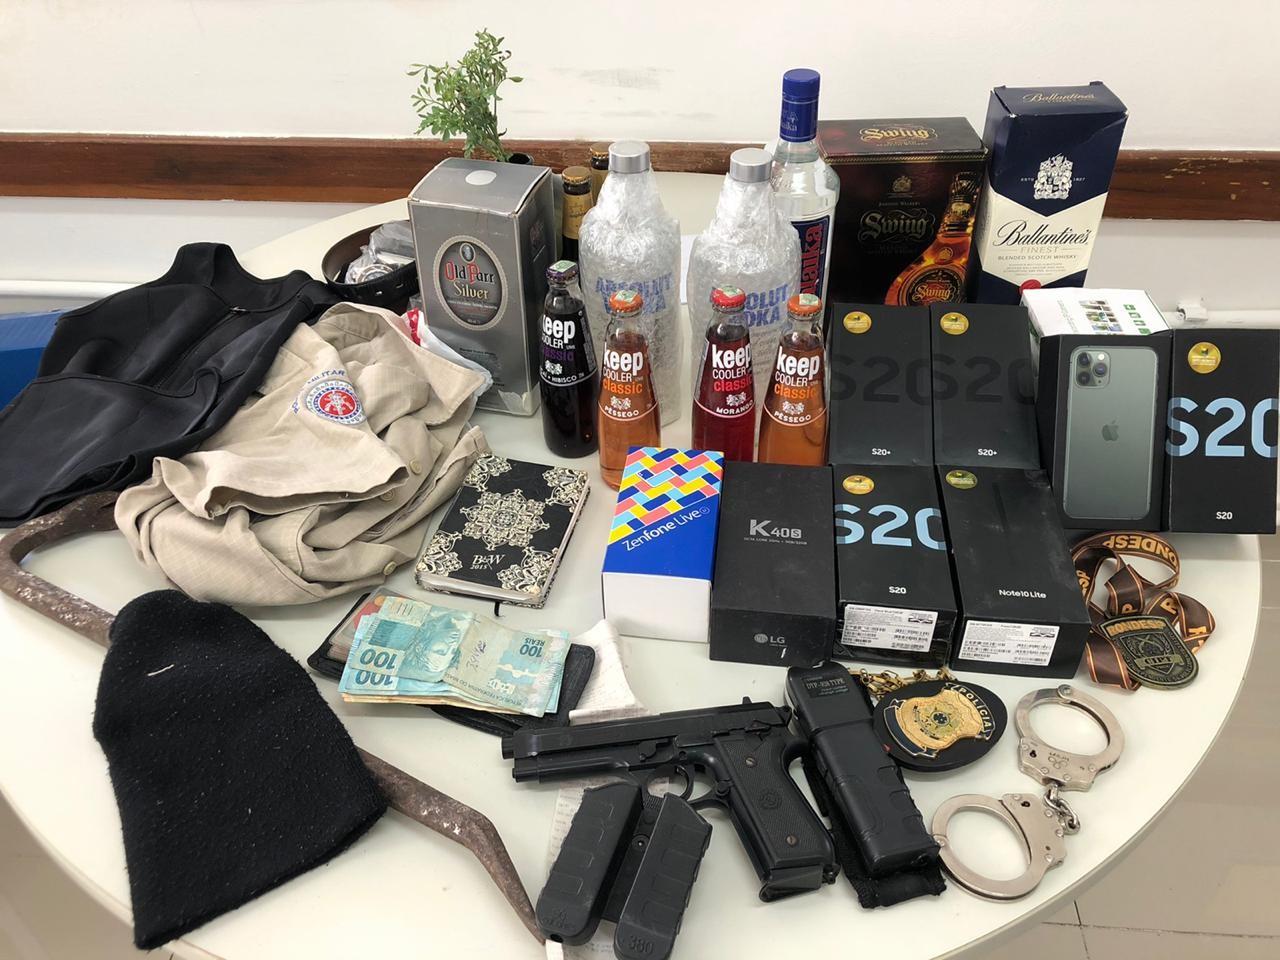 Agentes de segurança são presos suspeitos de assaltar empresa de telefonia em Salvador